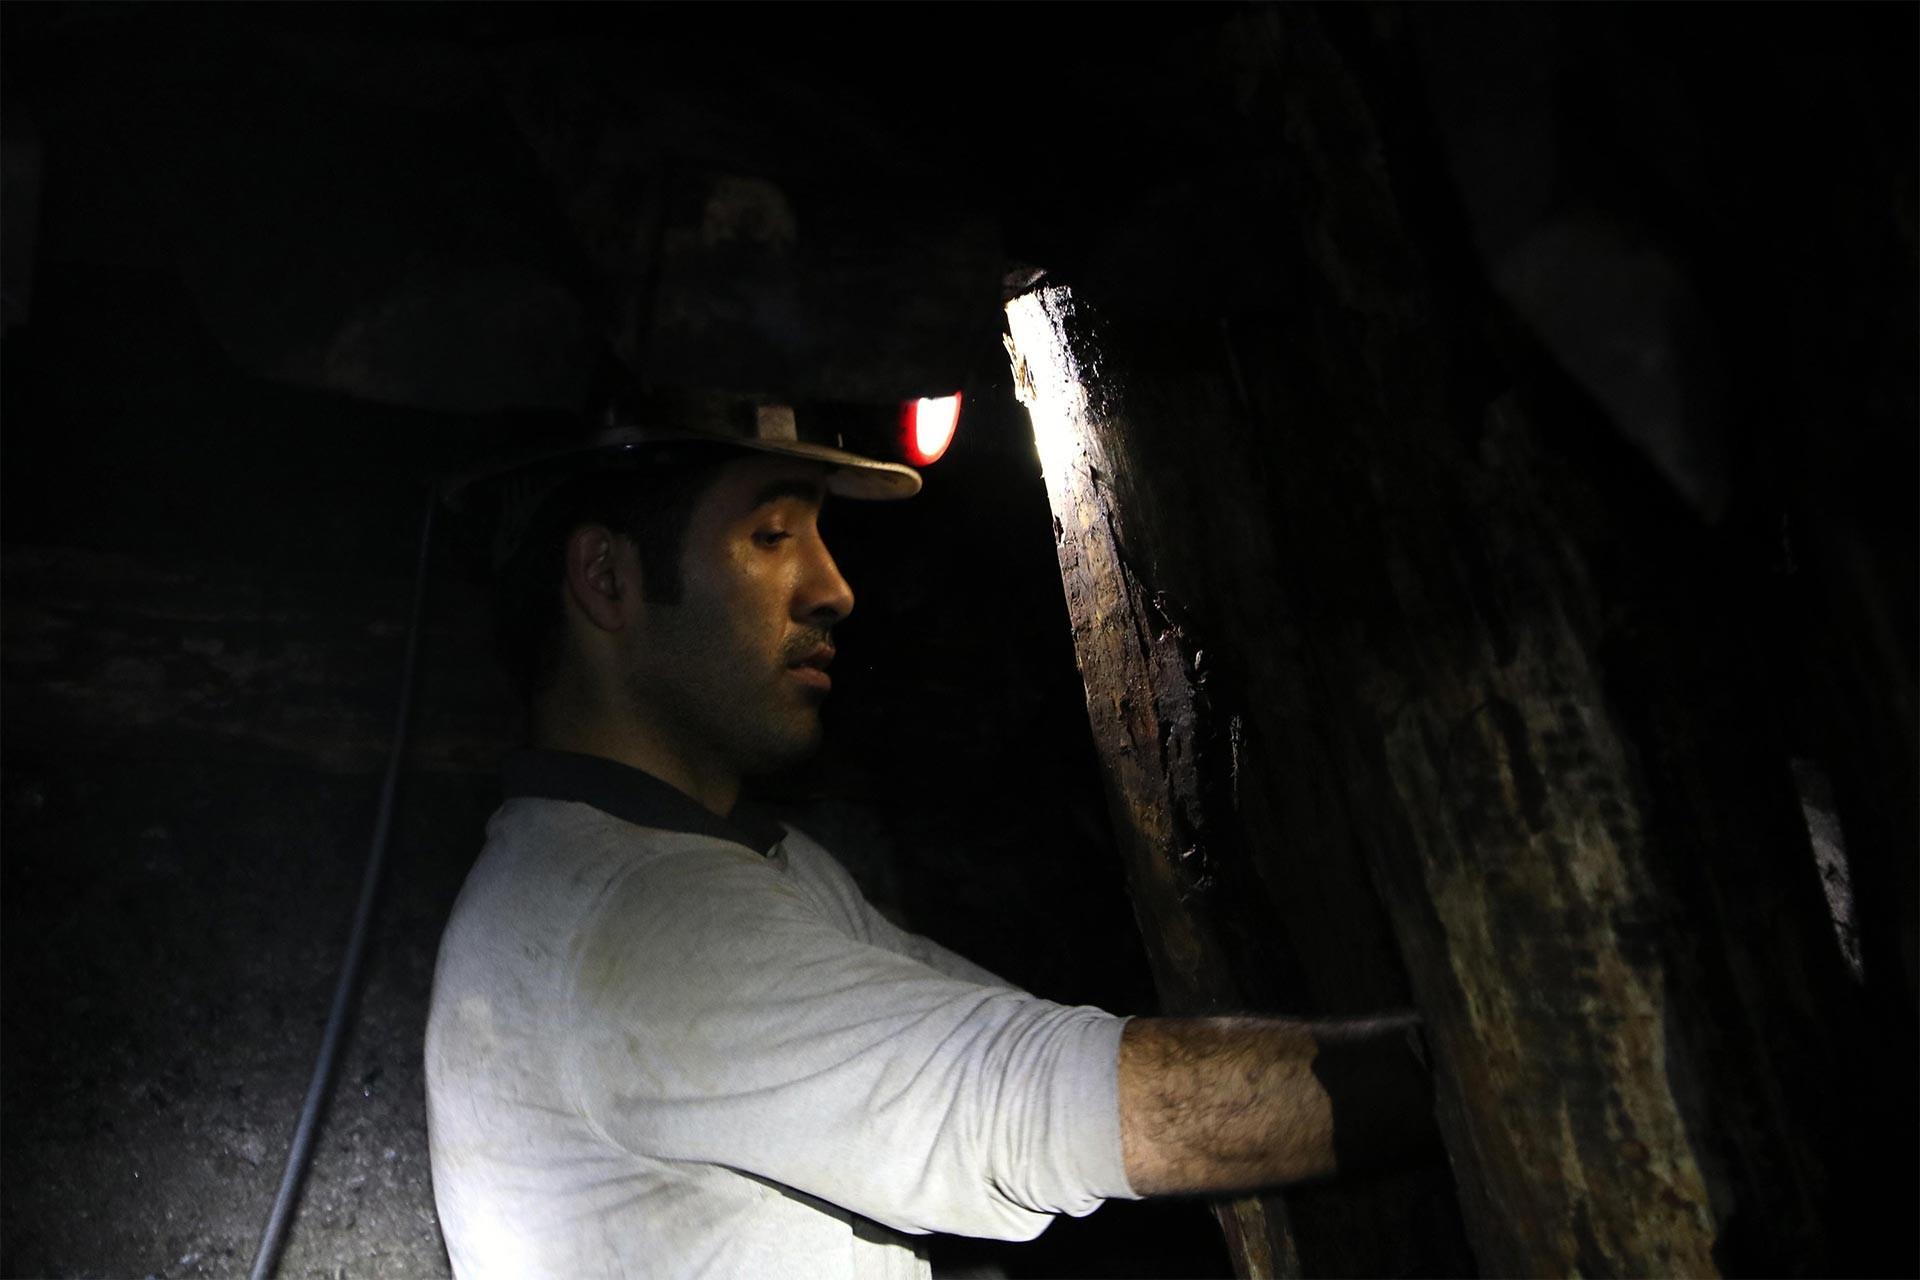 Yer altında kömür söken maden işçisi